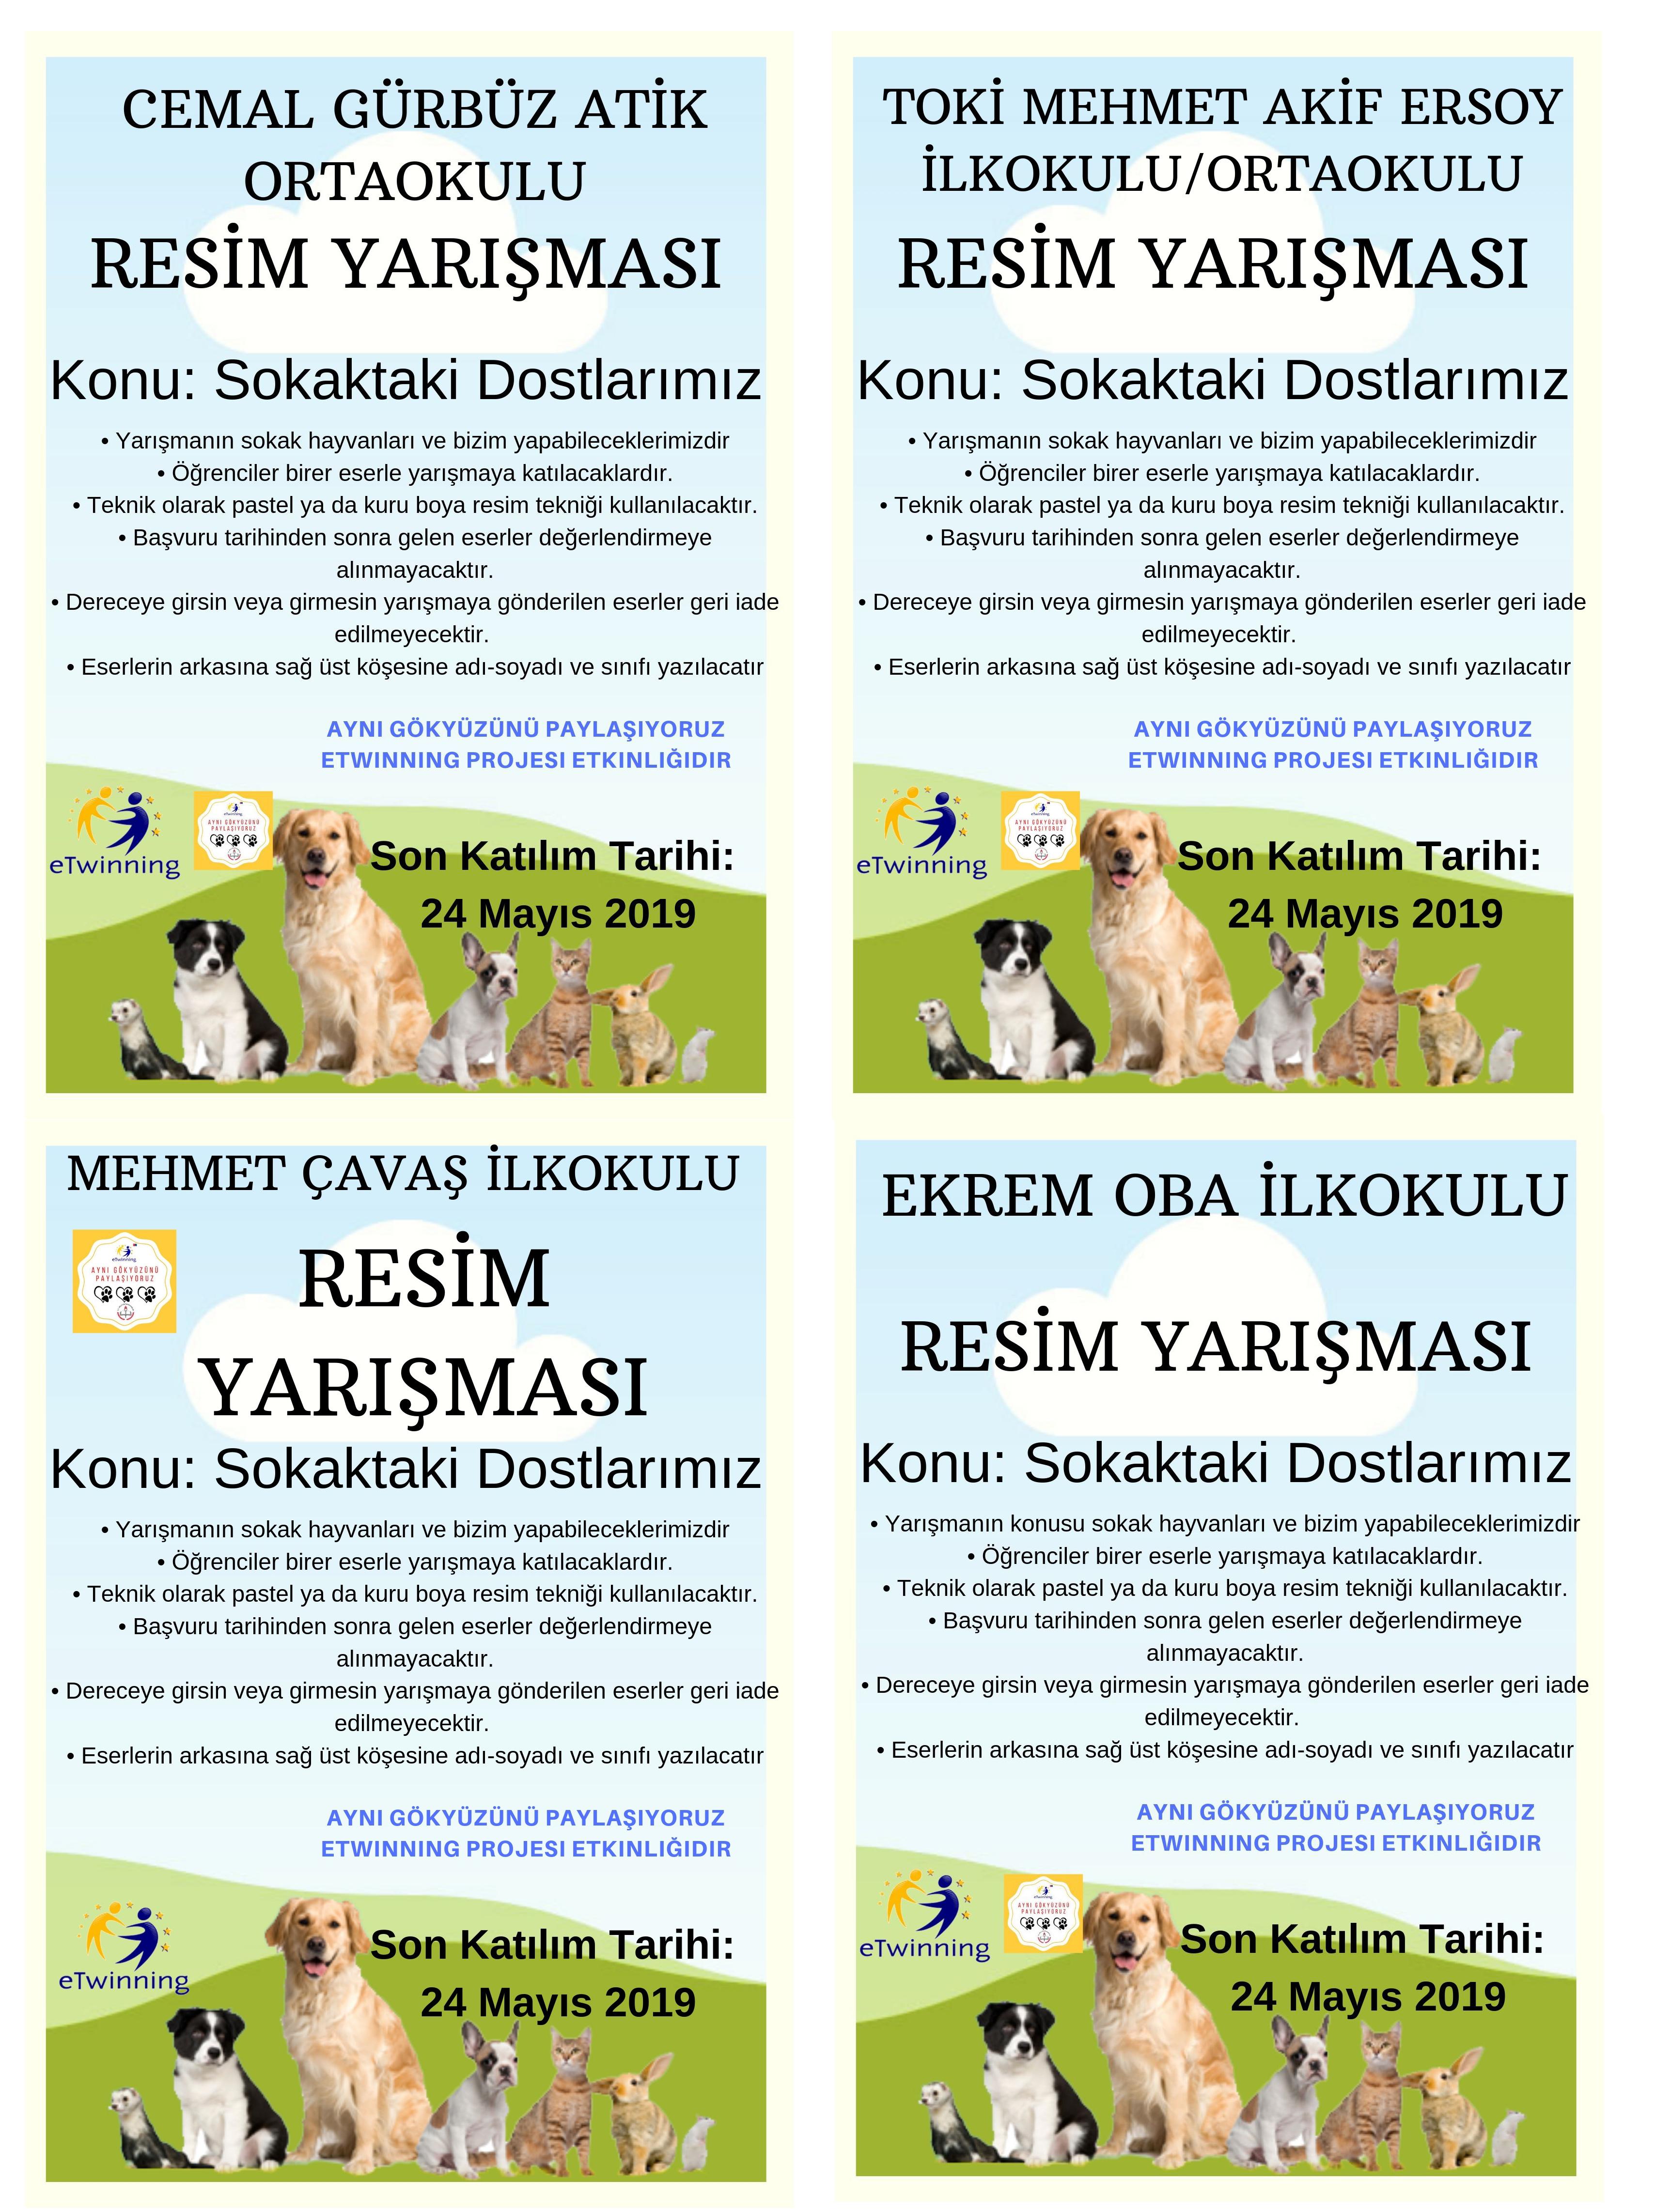 AYNI GÖKYÜZÜNÜ PAYLAŞIYORUZ by Mustafa DOĞAN - Ourboox.com